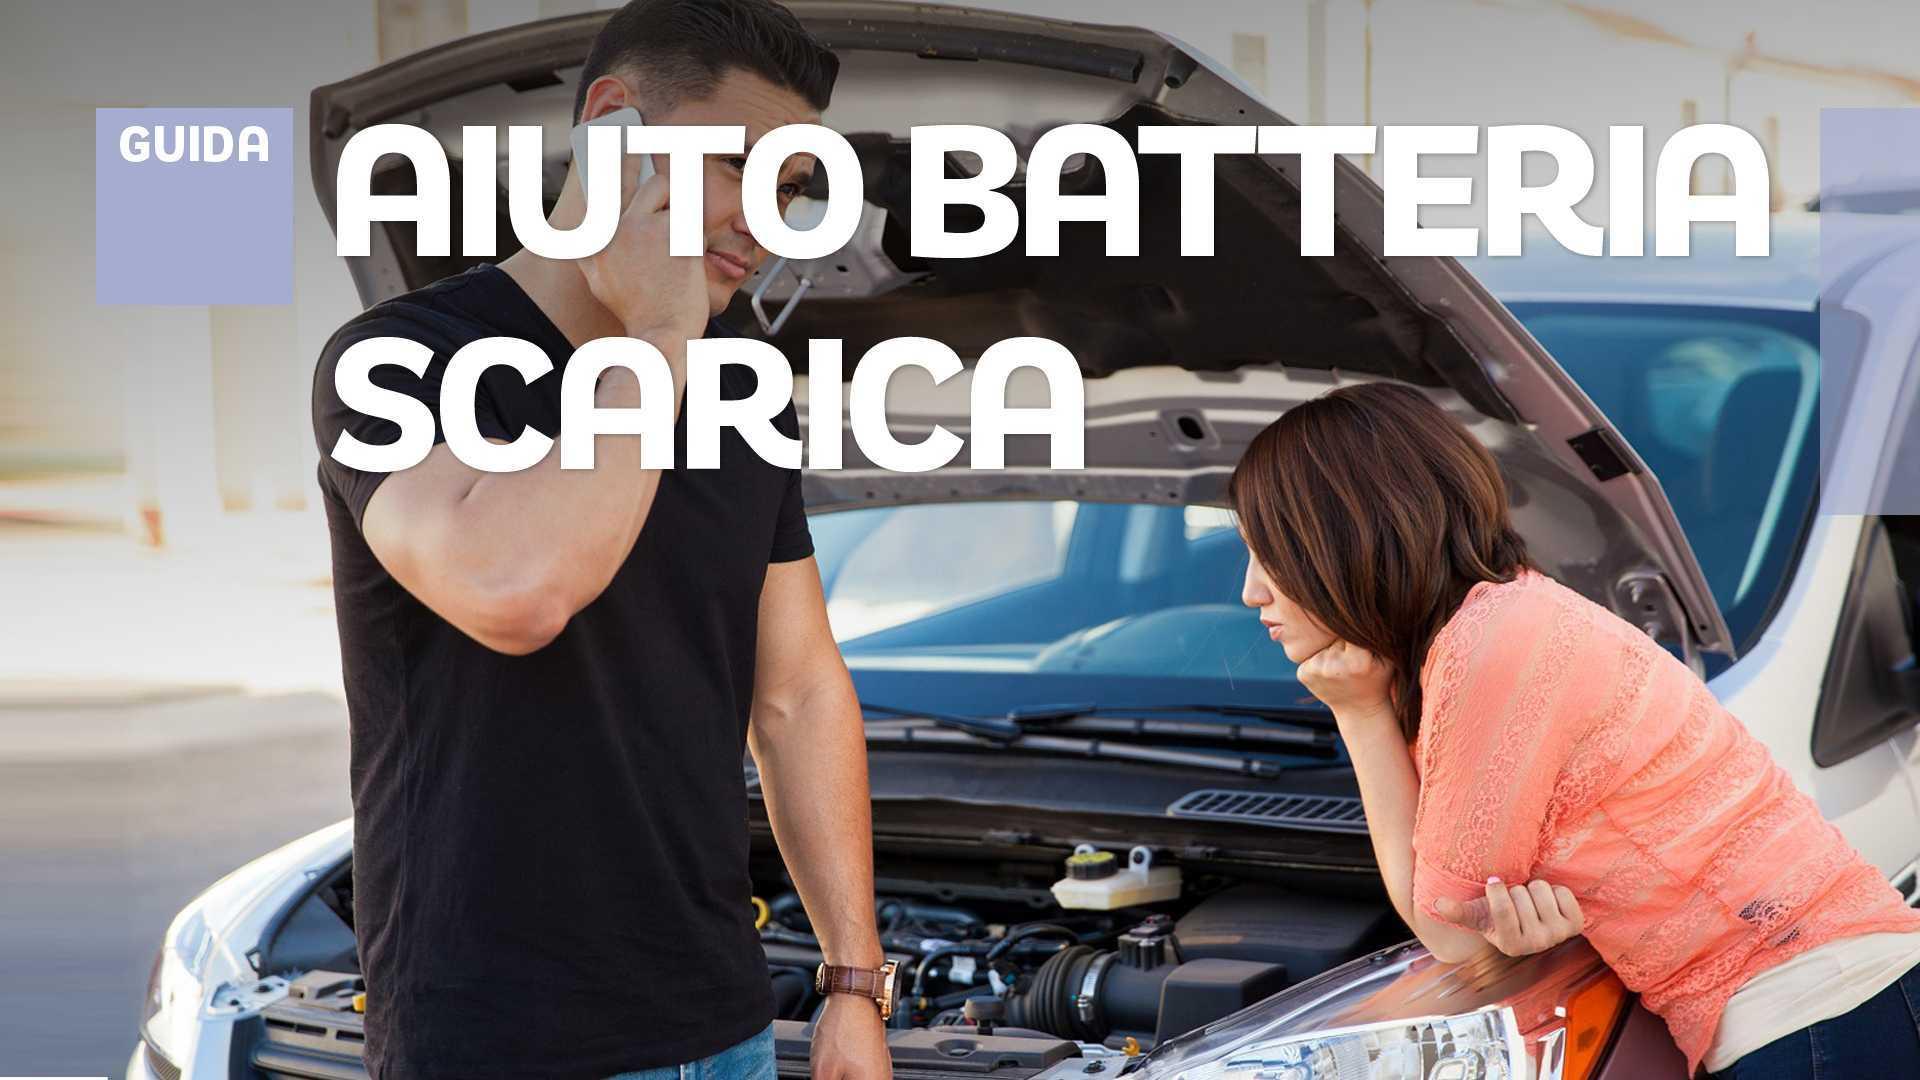 SOCCORSO ACI BATTERIA SCARICA